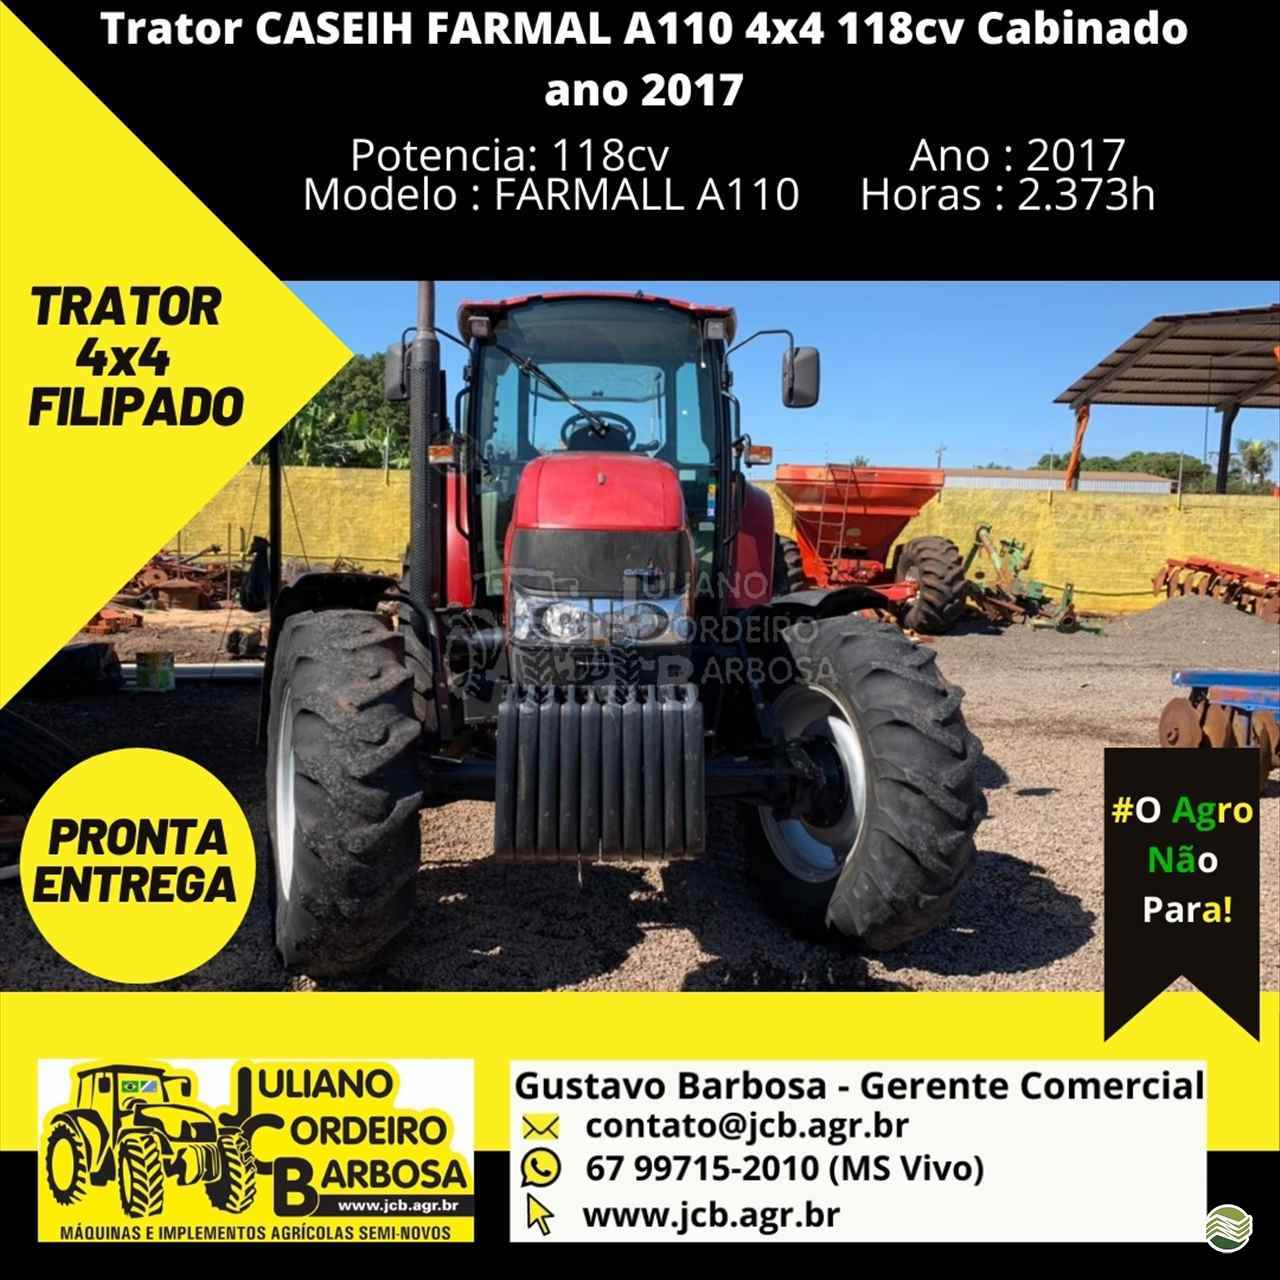 CASE CASE Farmall 110  2017/2017 JCB Máquinas e Implementos Agrícolas